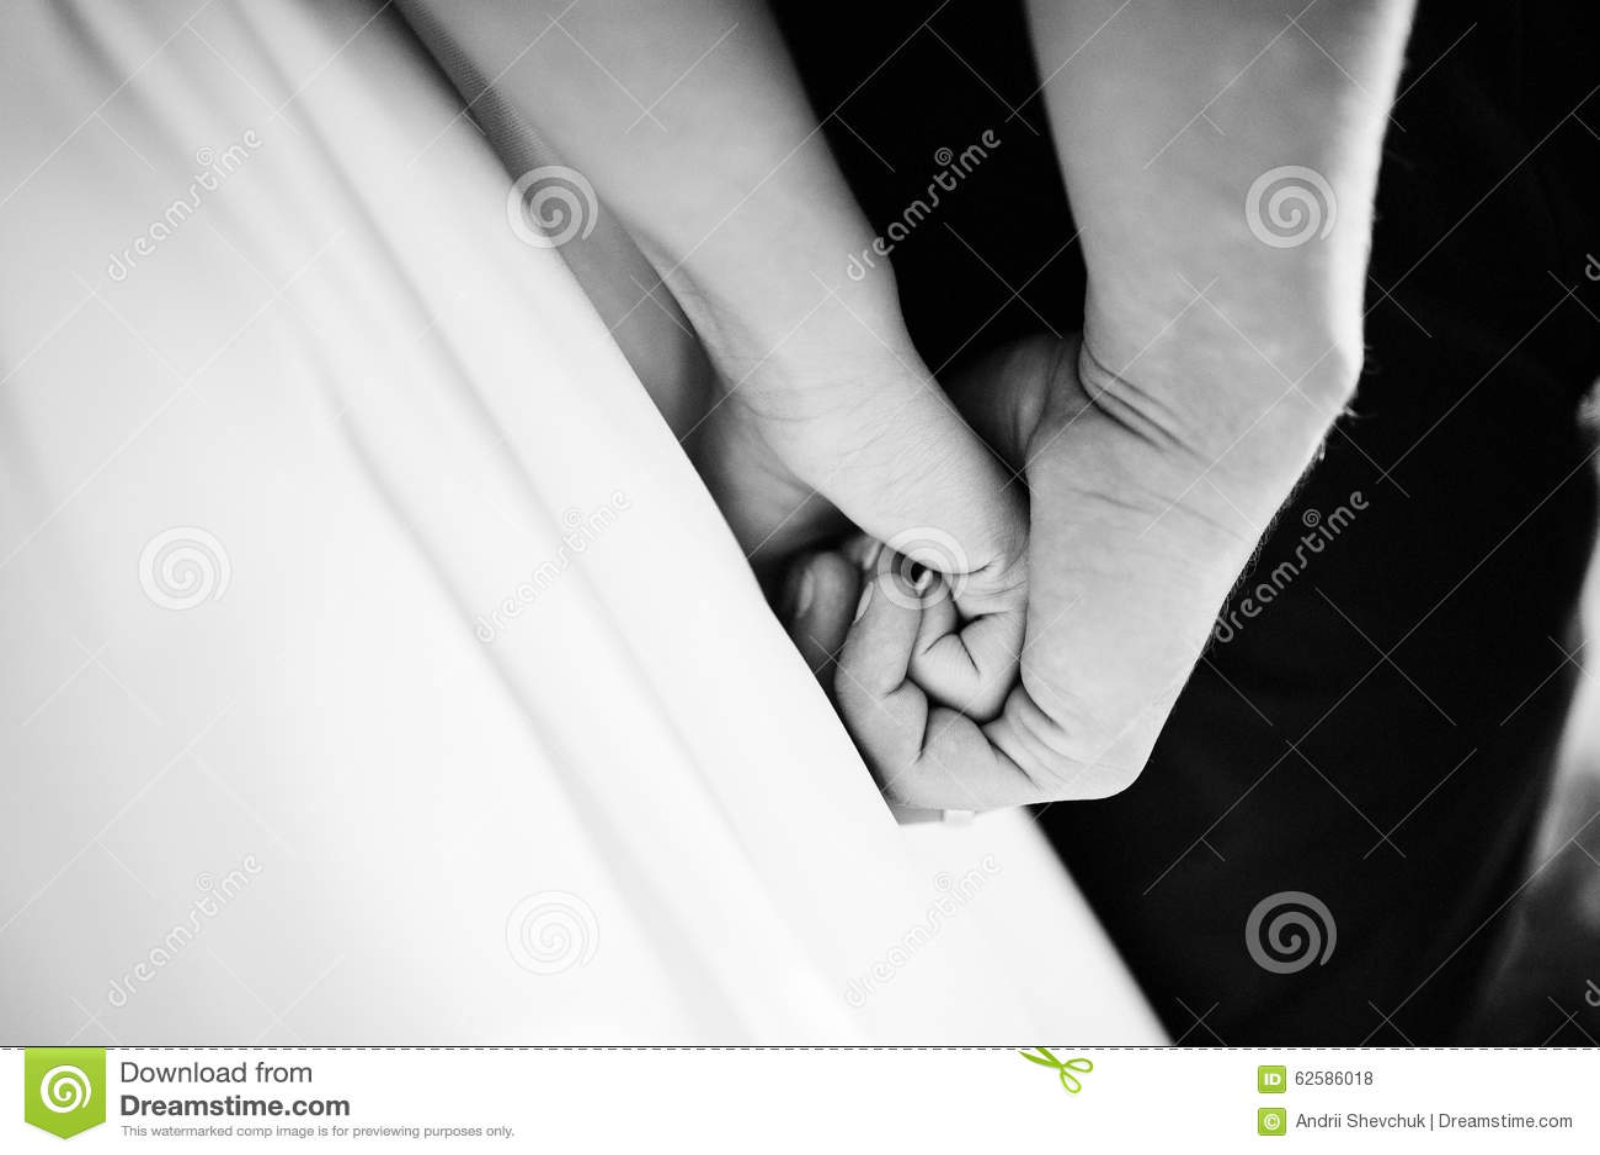 Hand An Hand Von Hochzeitspaaren Stockfoto Bild Von Leicht Wald